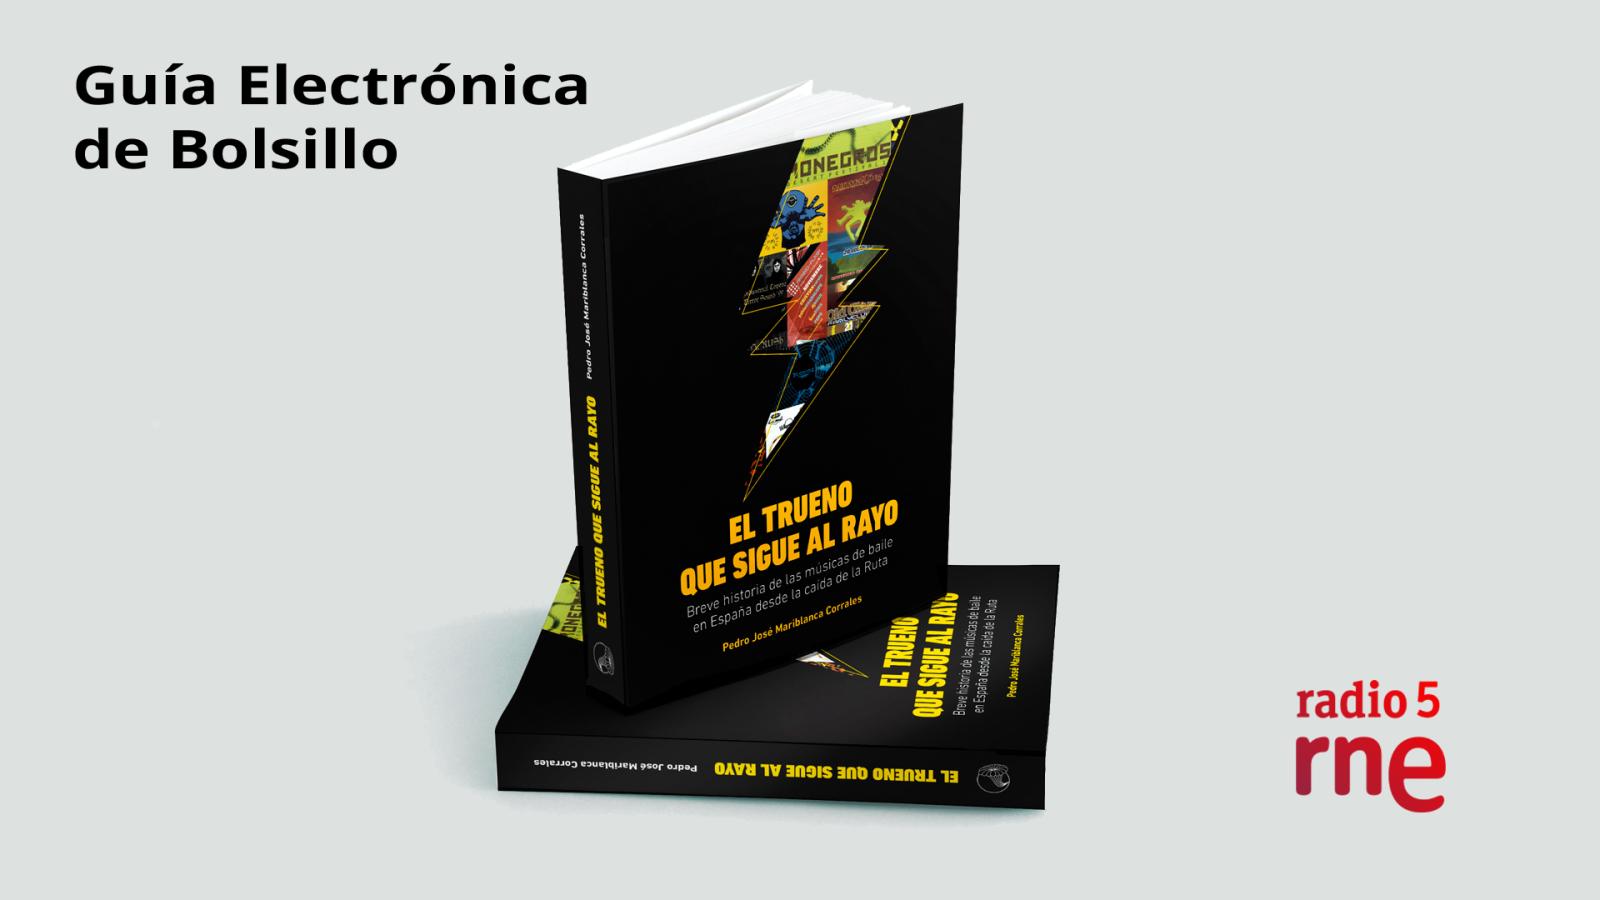 Guía electrónica de bolsillo - El trueno que sigue al rayo - 12/02/21 - Escuchar ahora